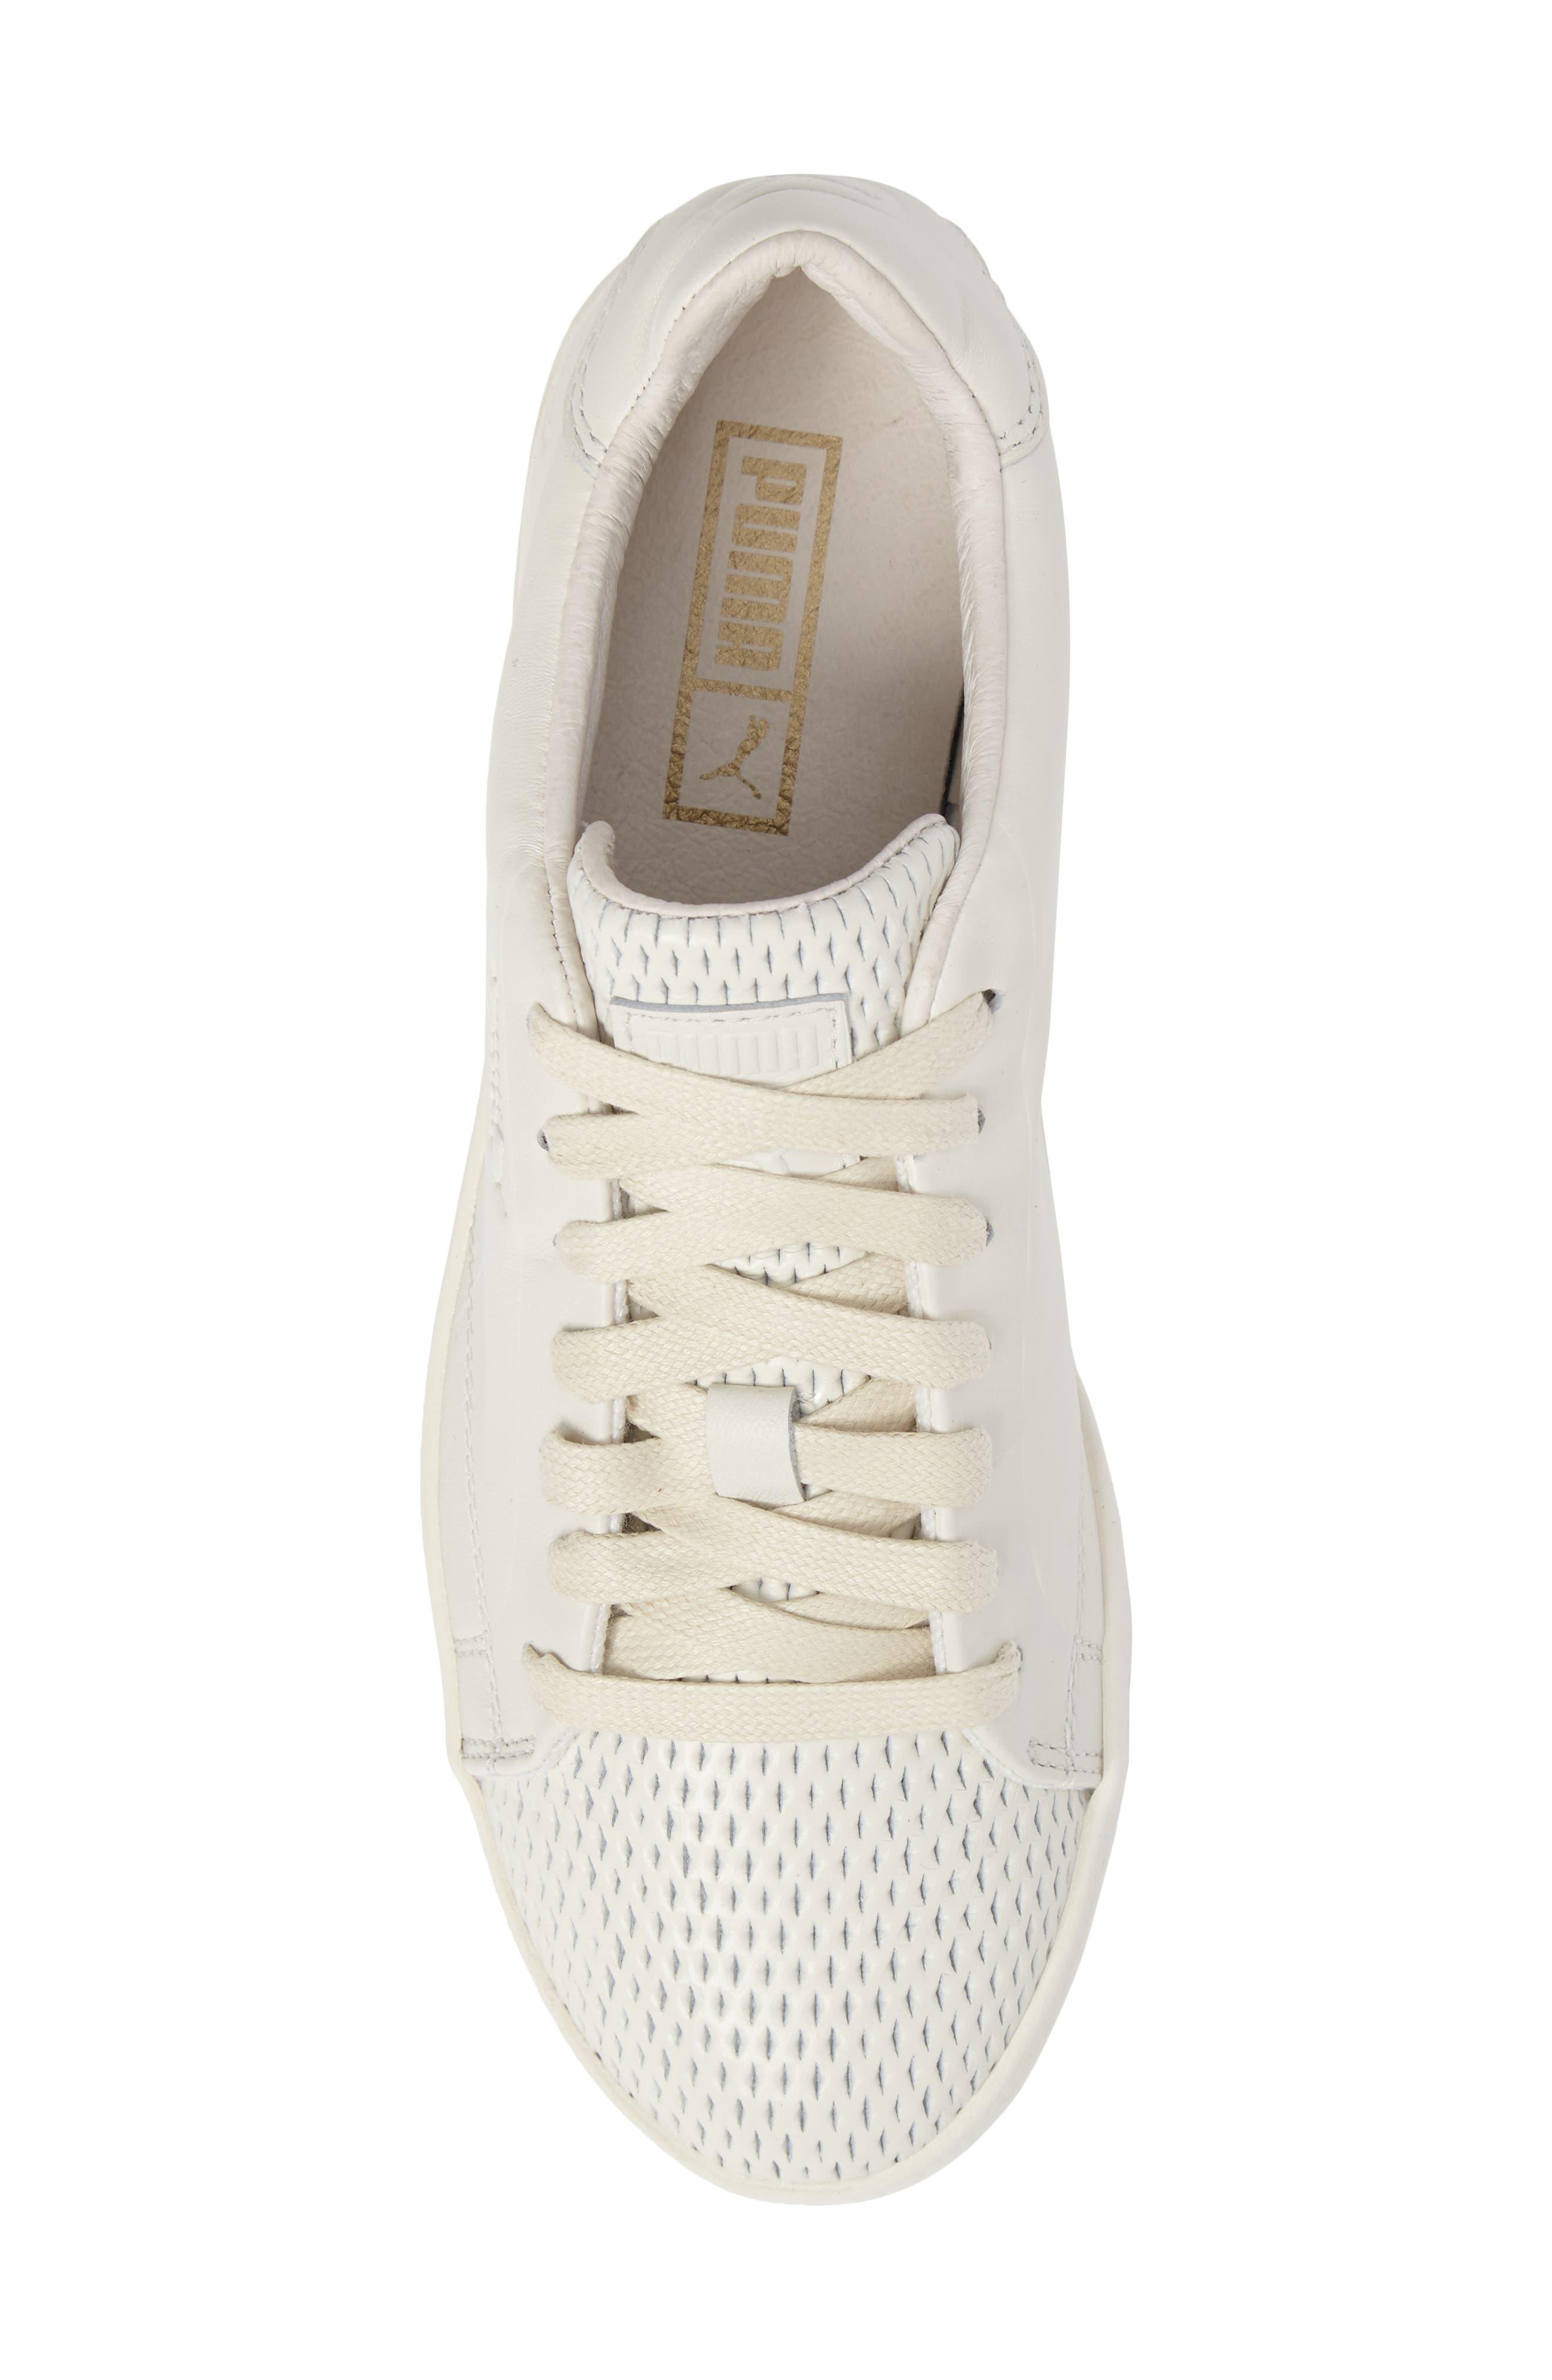 Match Lo Open Sneaker,                             Alternate thumbnail 5, color,                             Whisper White/ Whisper White